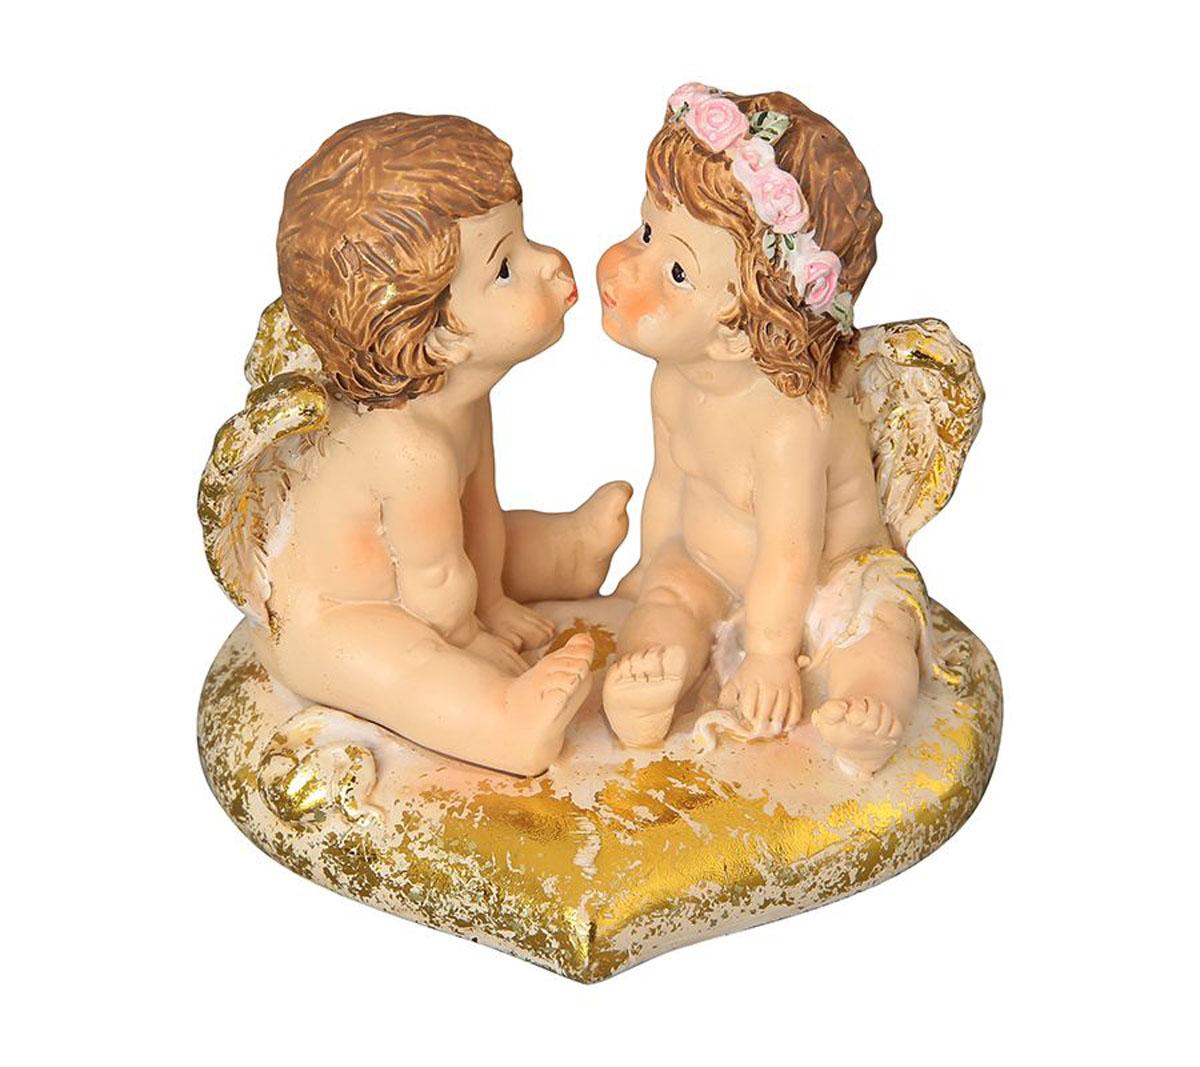 Фигурка декоративная Elan Gallery Ангелочки на золотом сердечке, высота 7,5 см670134Декоративная фигурка с изображением ангелов станет прекрасным сувениром, который вызовет улыбку и поднимет настроение. Фигурка выполнена из полистоуна.